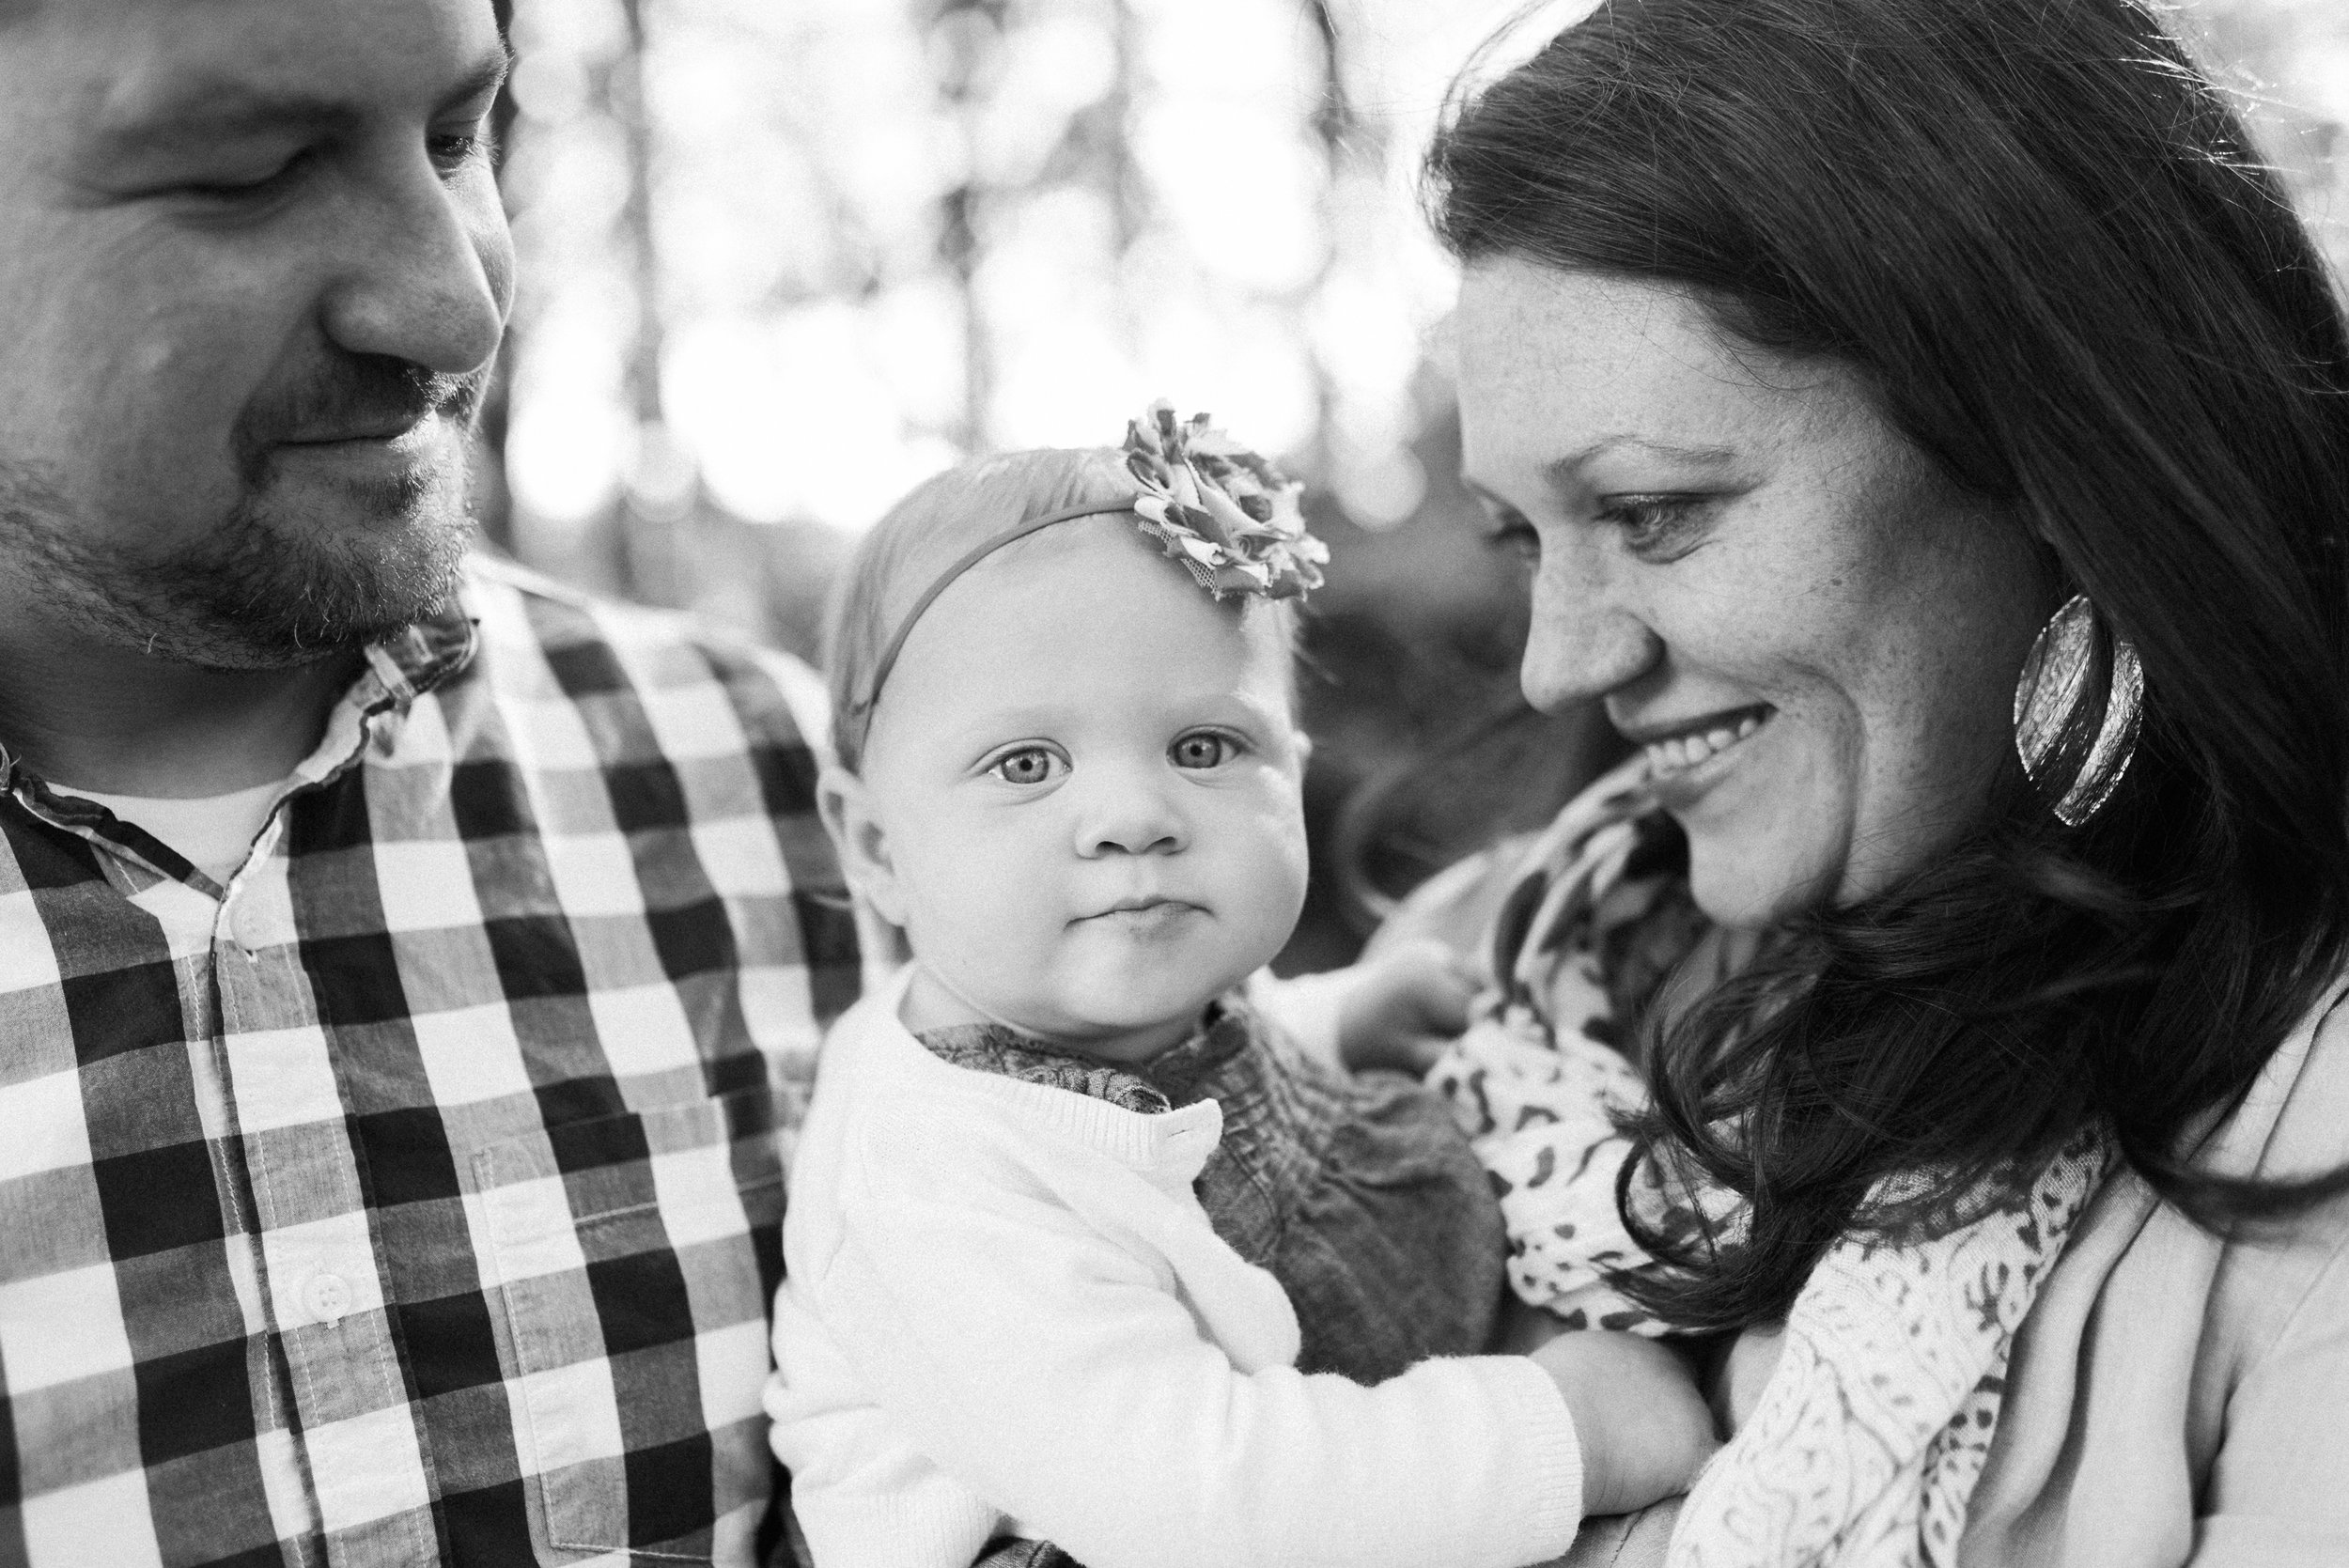 Maryland-family-photographer-lifestyle-photos-by-bklp-breanna-kuhlmann--6.jpg